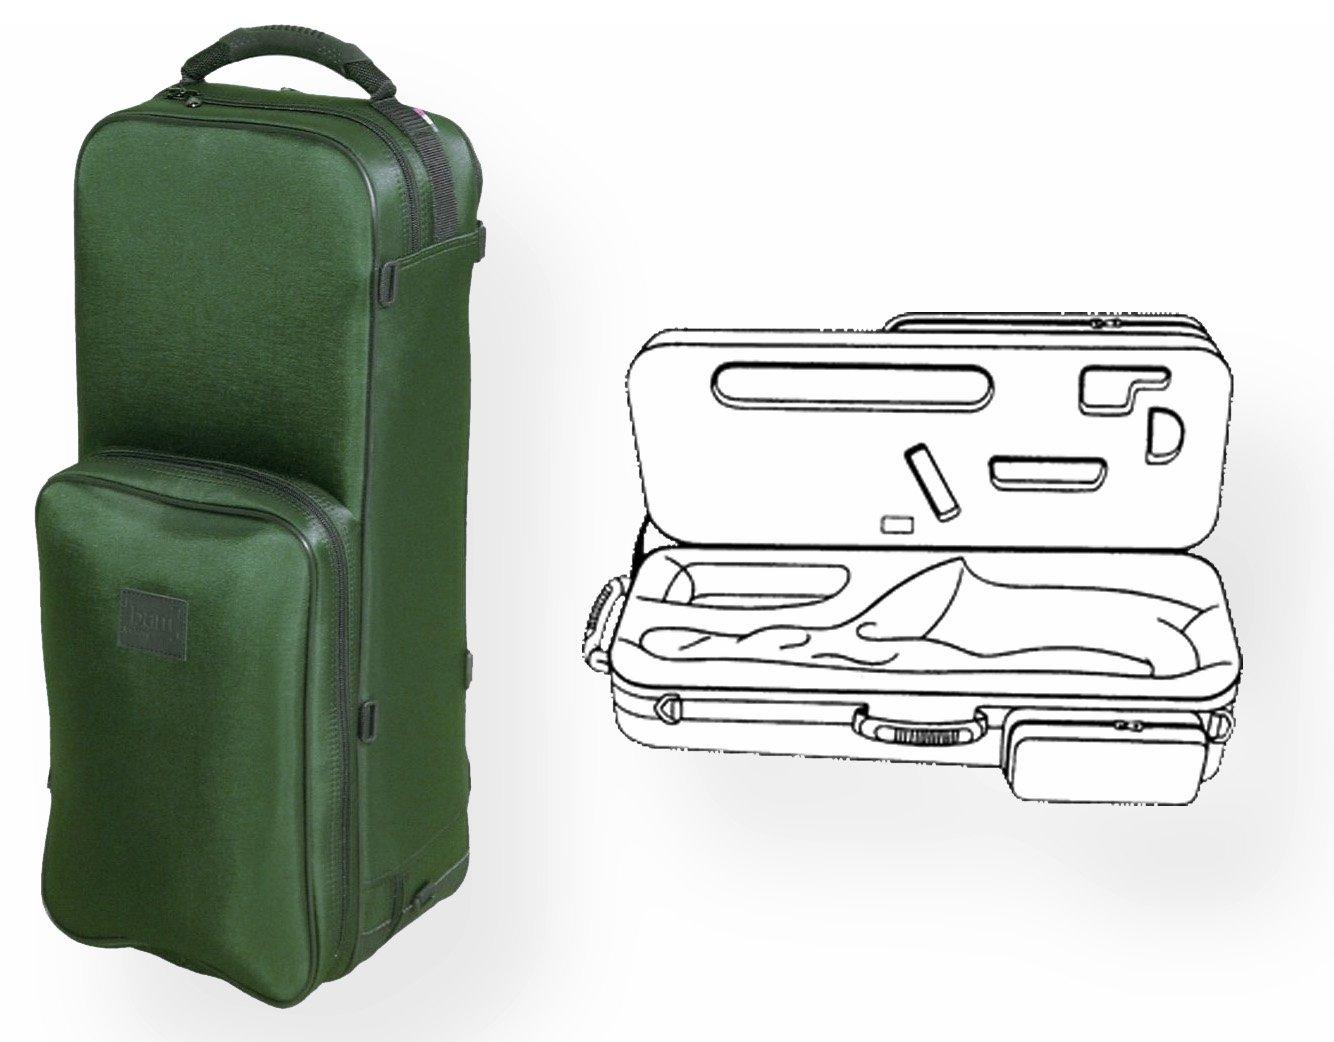 バム トレッキングケース アルトサクソフォン用グリーン BAM TREKKING CASE for ALTO SAXOPHONE B003FBMT3C